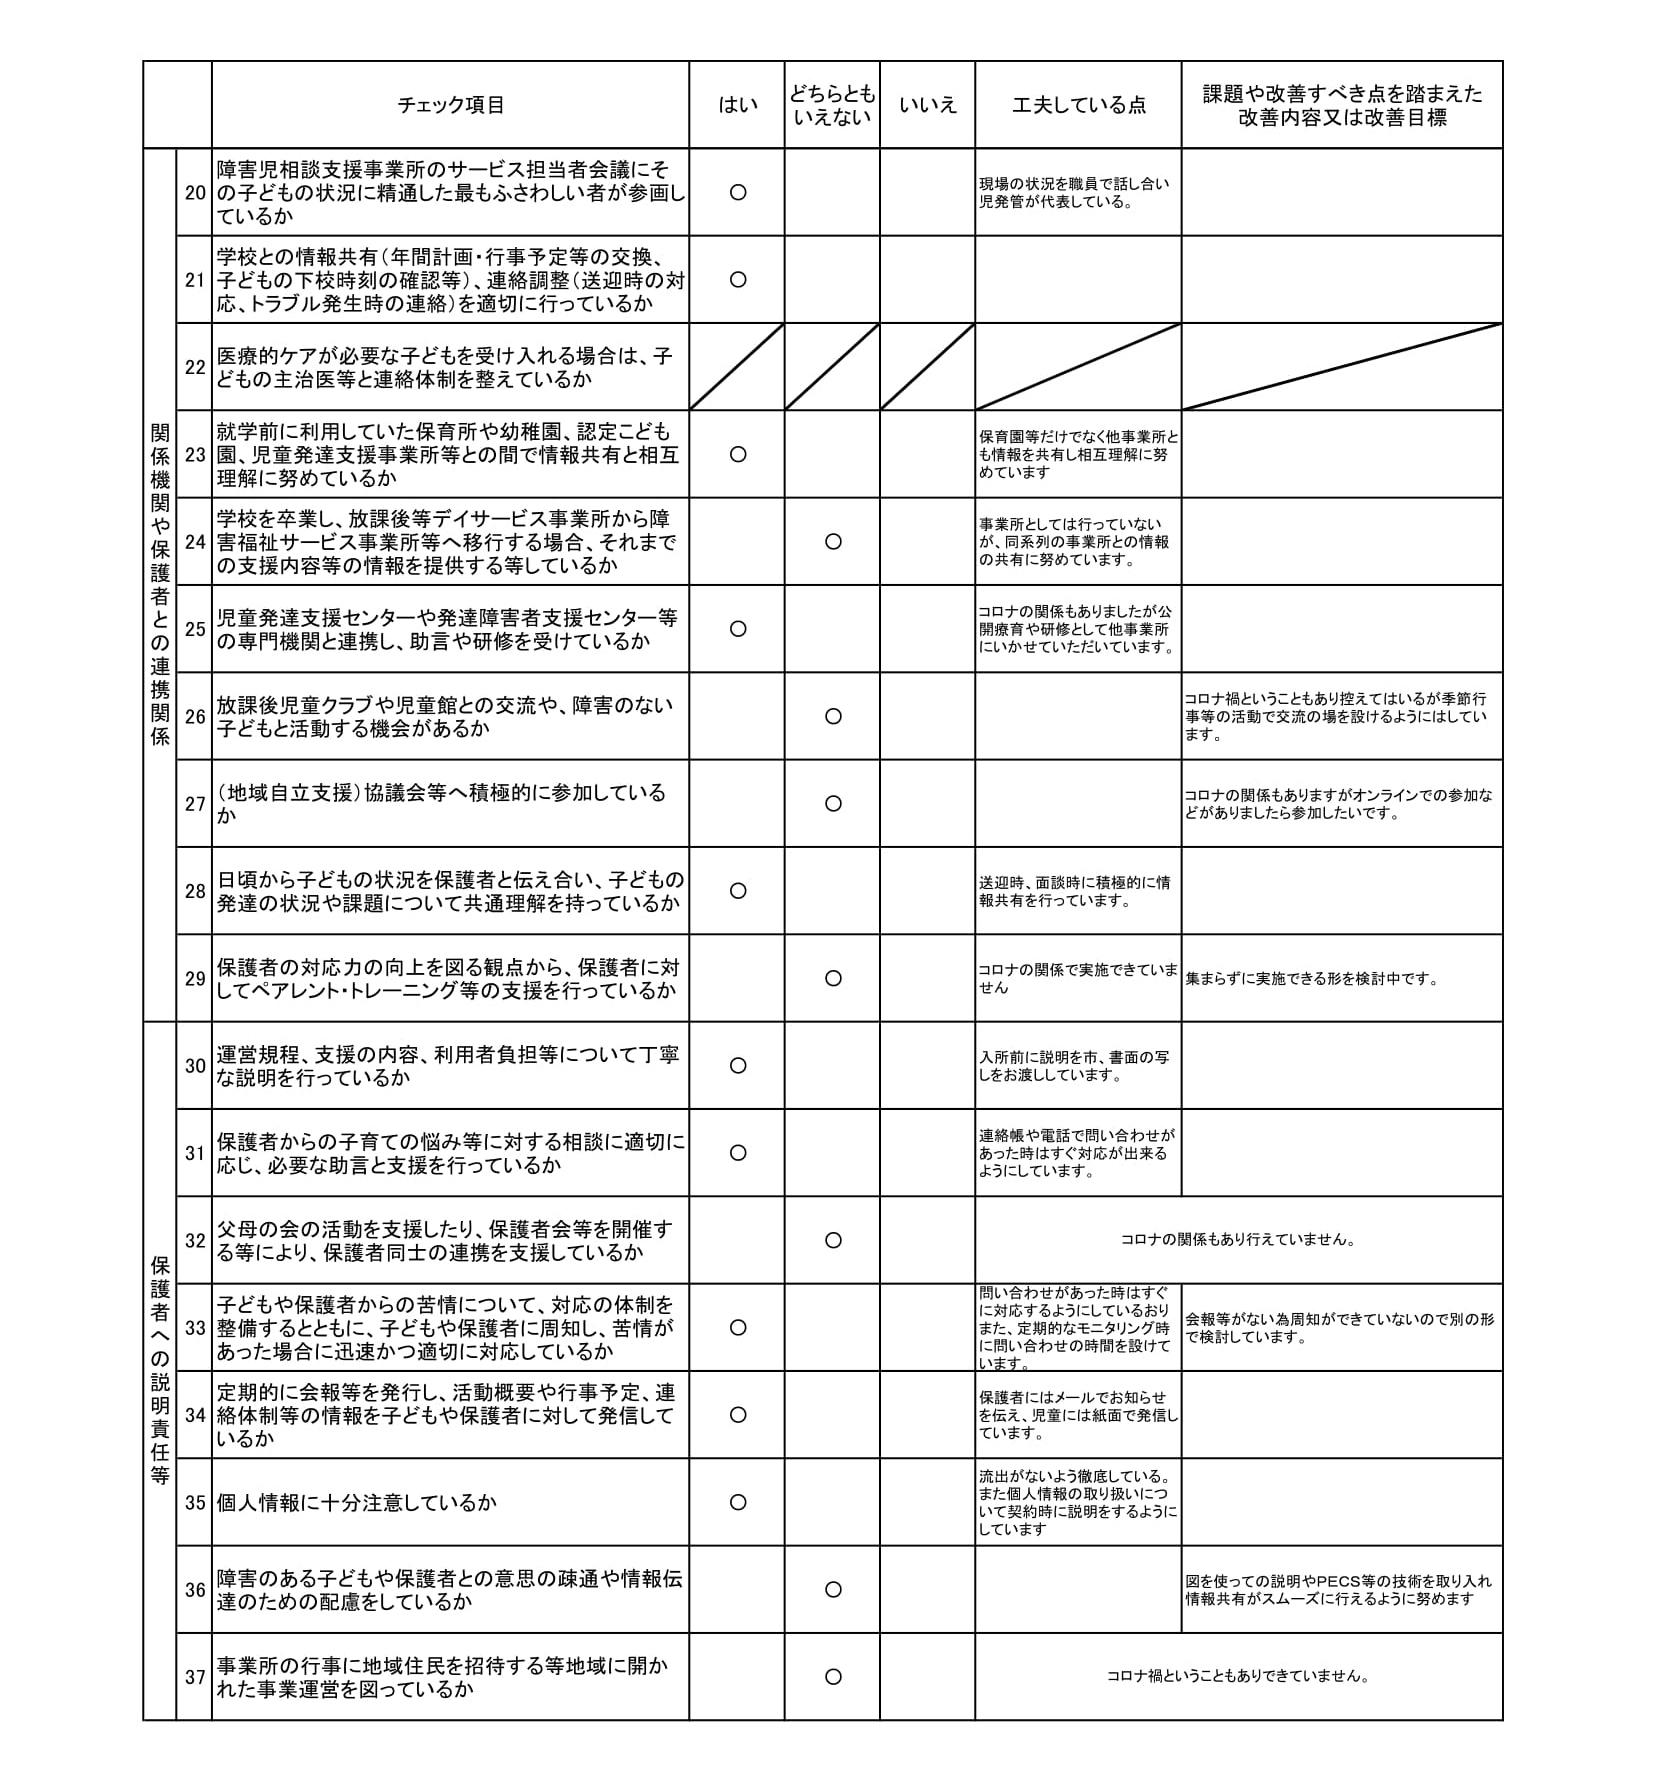 【放課後等デイサービス】事業所における自己評価結果キッズサポートcolorful-2